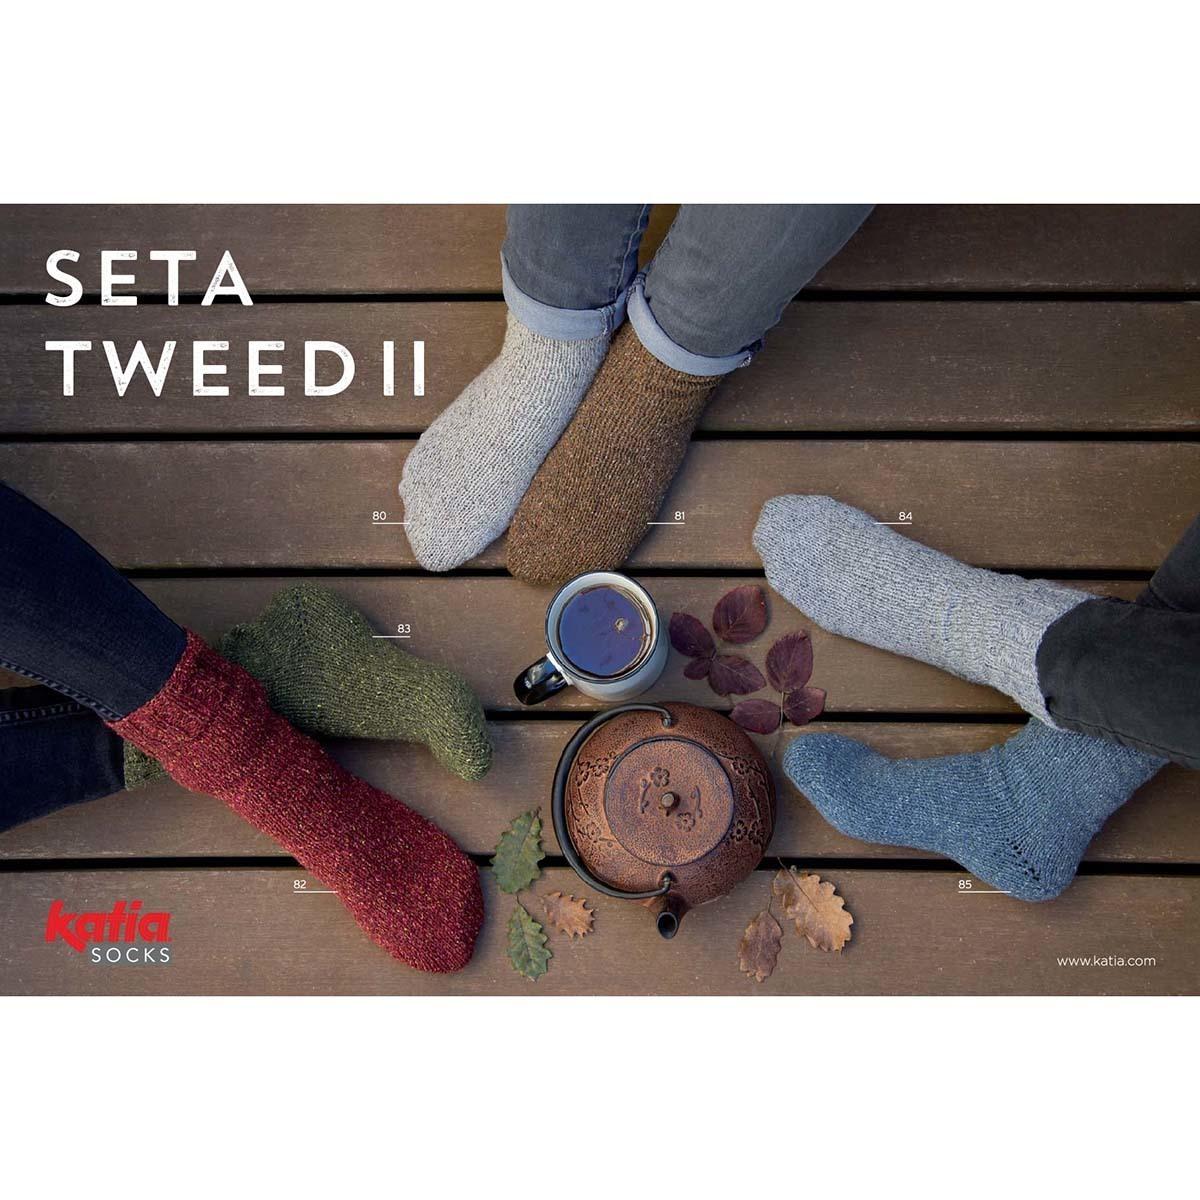 Katia Seta Tweed II Socks-83